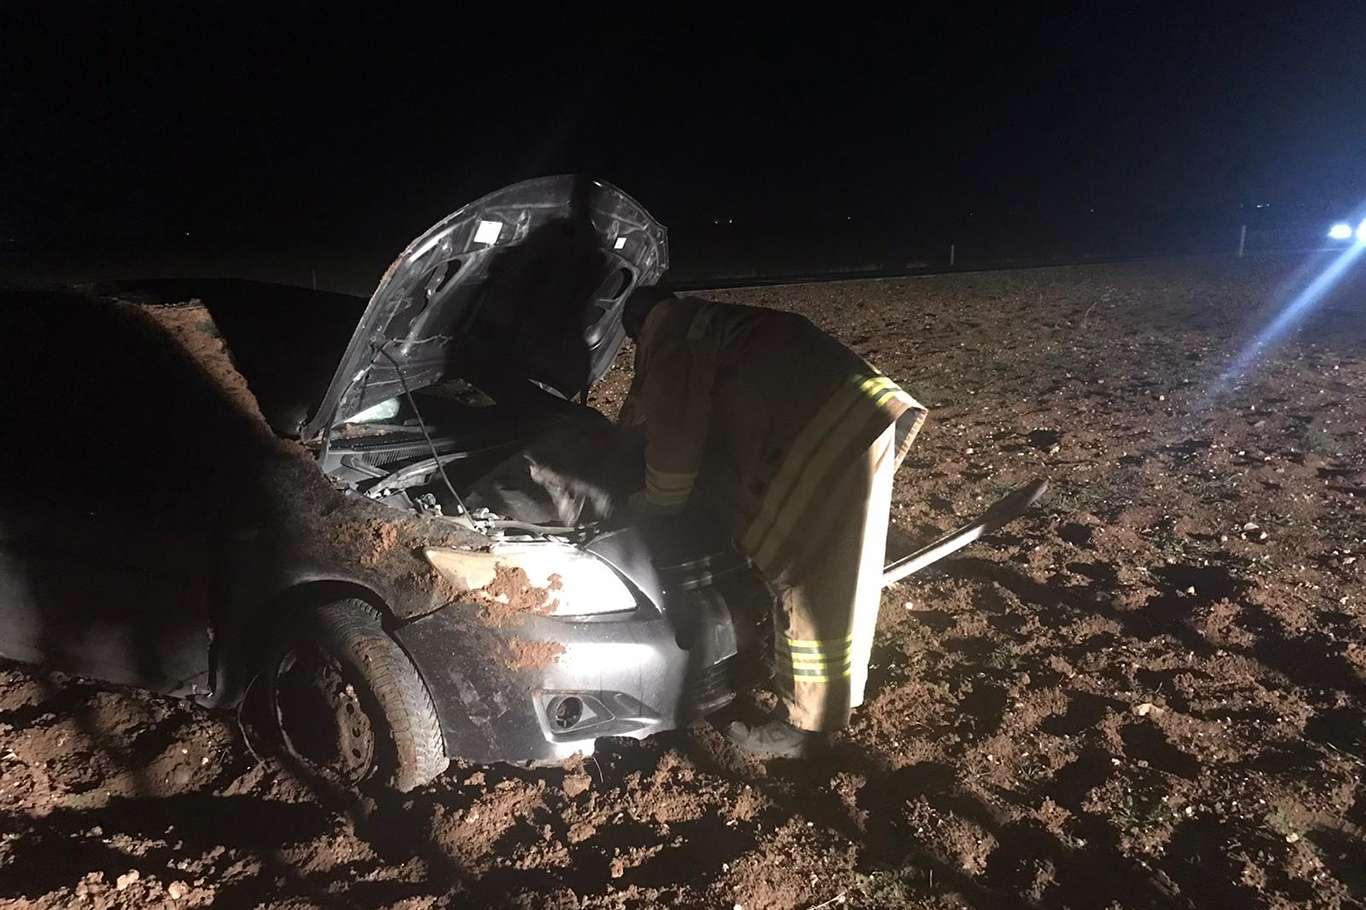 Takla atan otomobilden emniyet kemeri sayesinde yara almadan kurtuldu